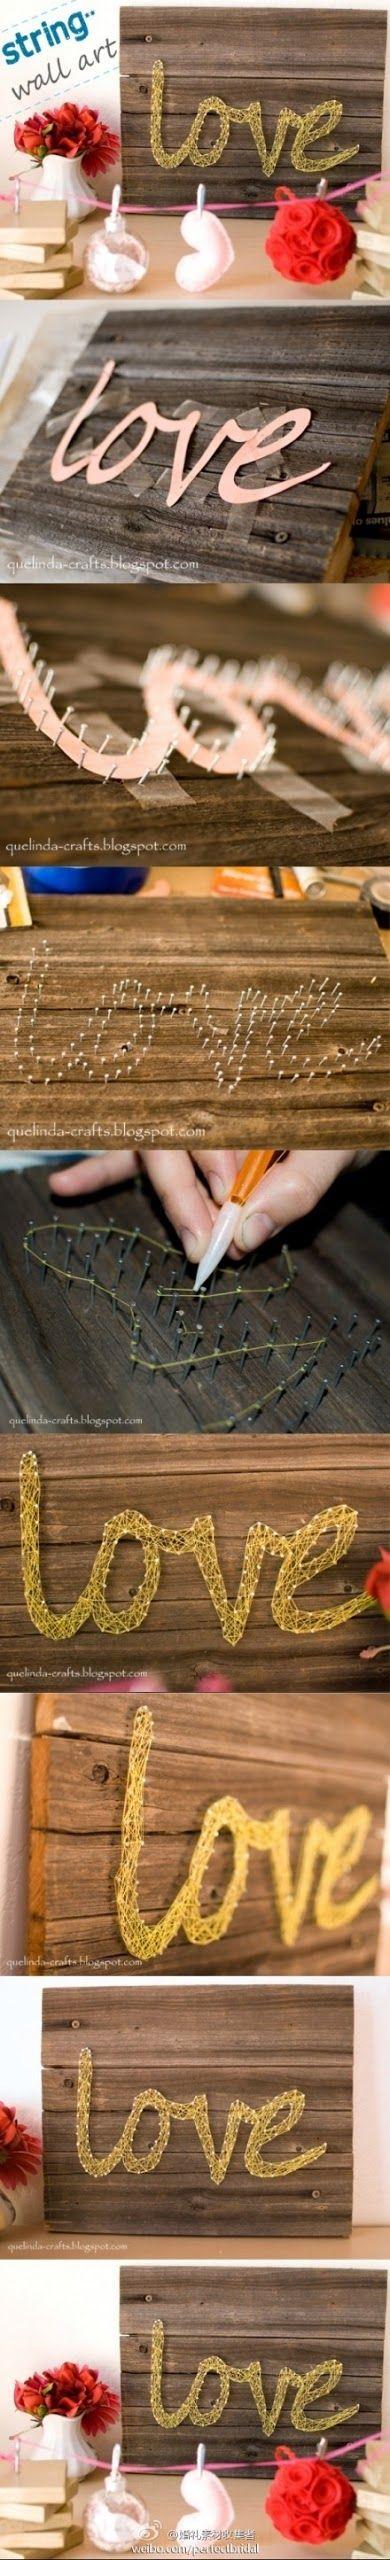 Calligraphie en fils et clous. Très sympa